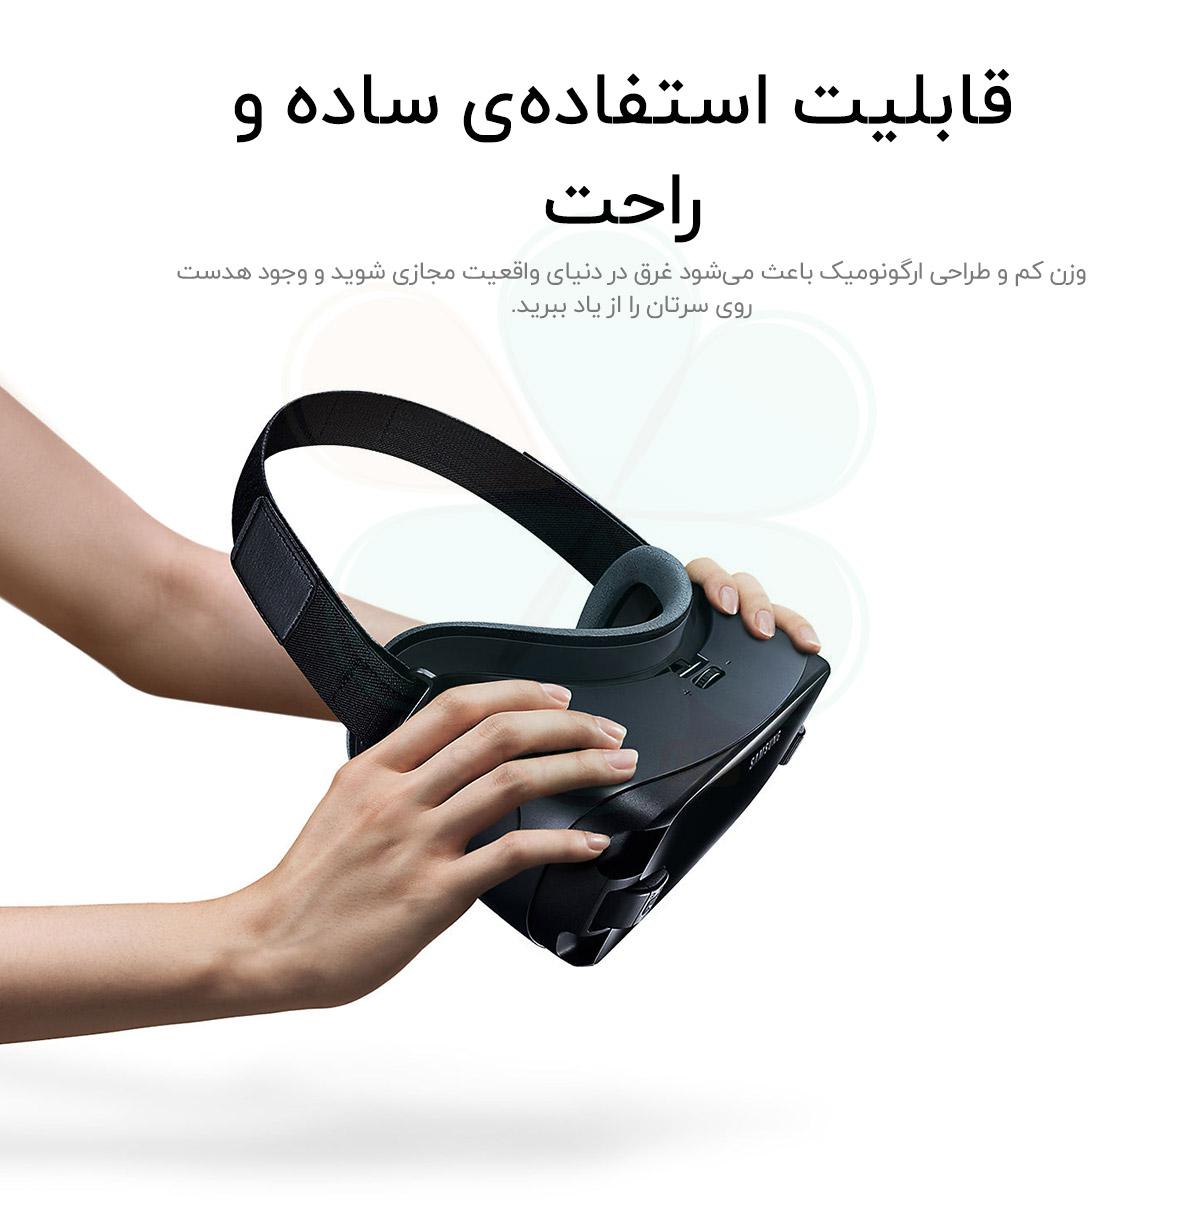 نقد و بررسی خرید هدست واقعیت مجازی سامسونگ Gear VR Note8 Edition